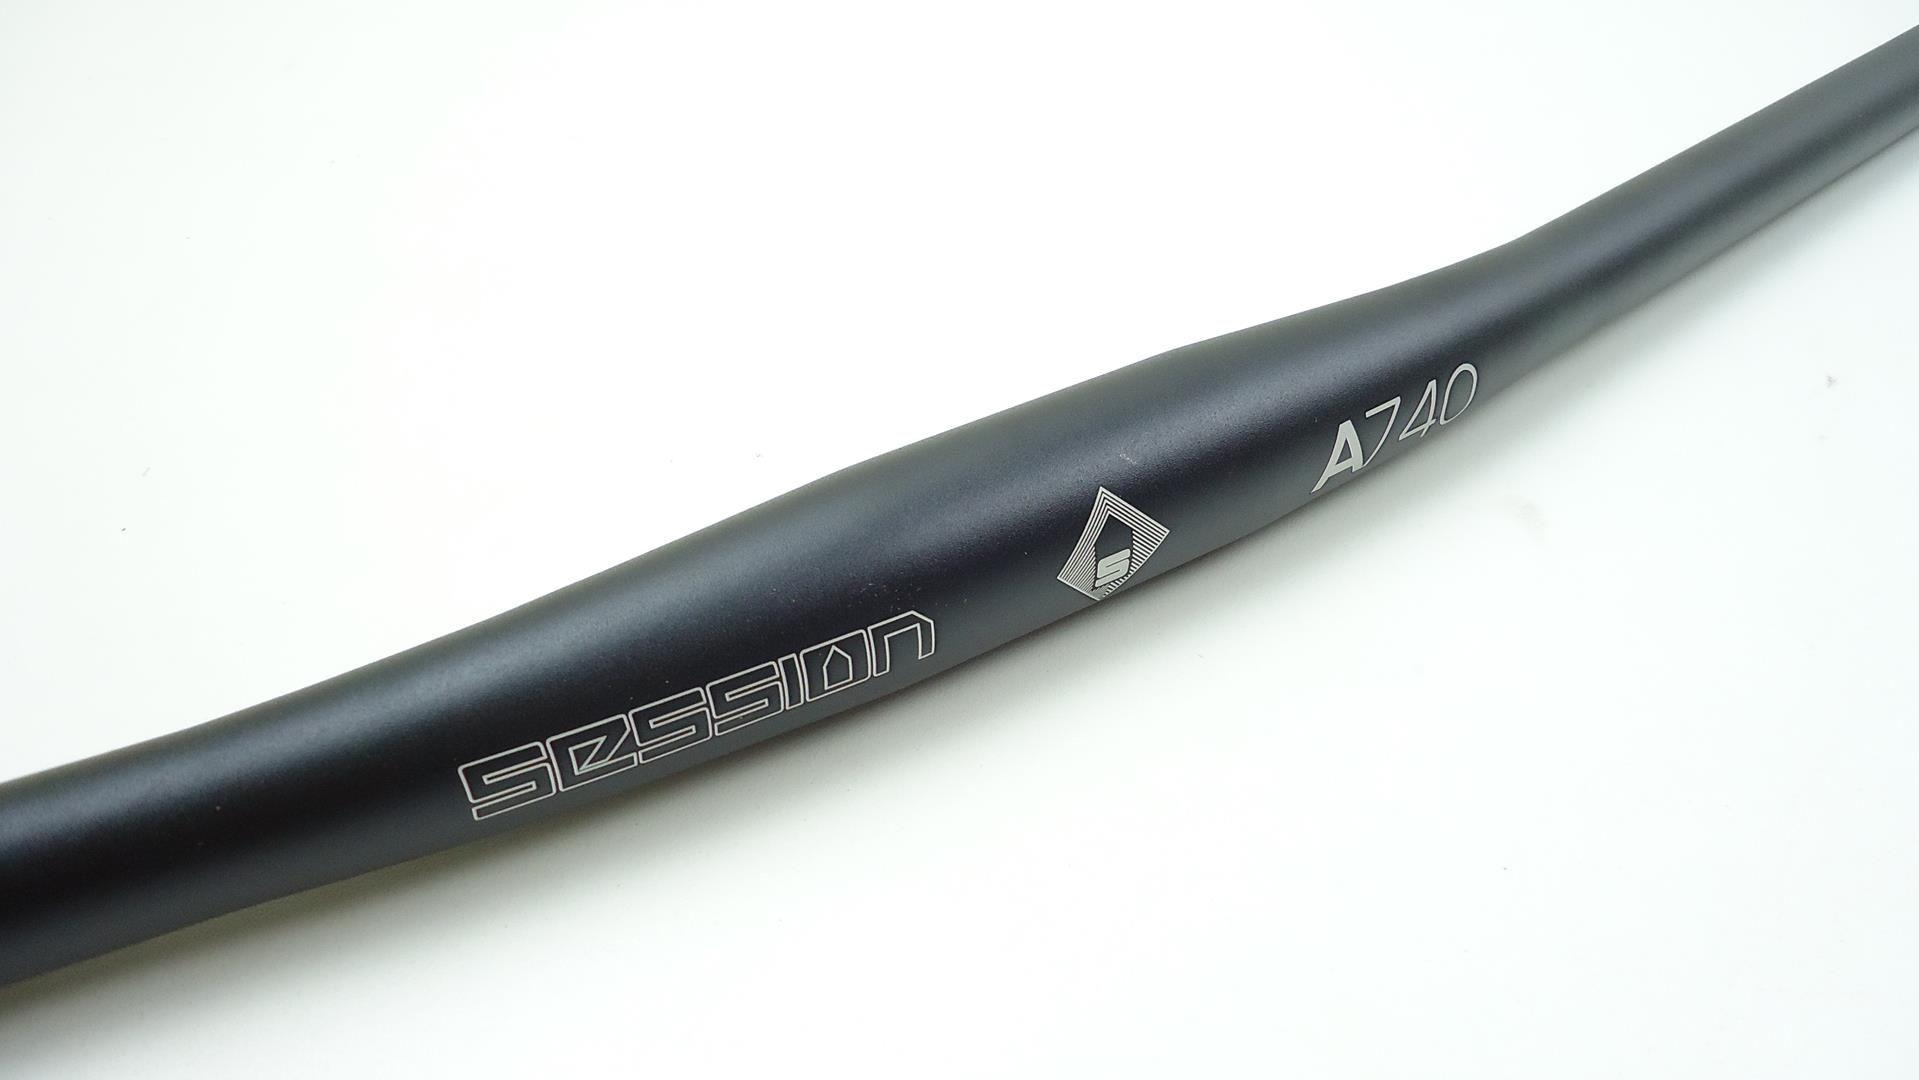 Guidão de Bicicleta MTB Session A740 740mm 31.8mm Reto em Aluminio